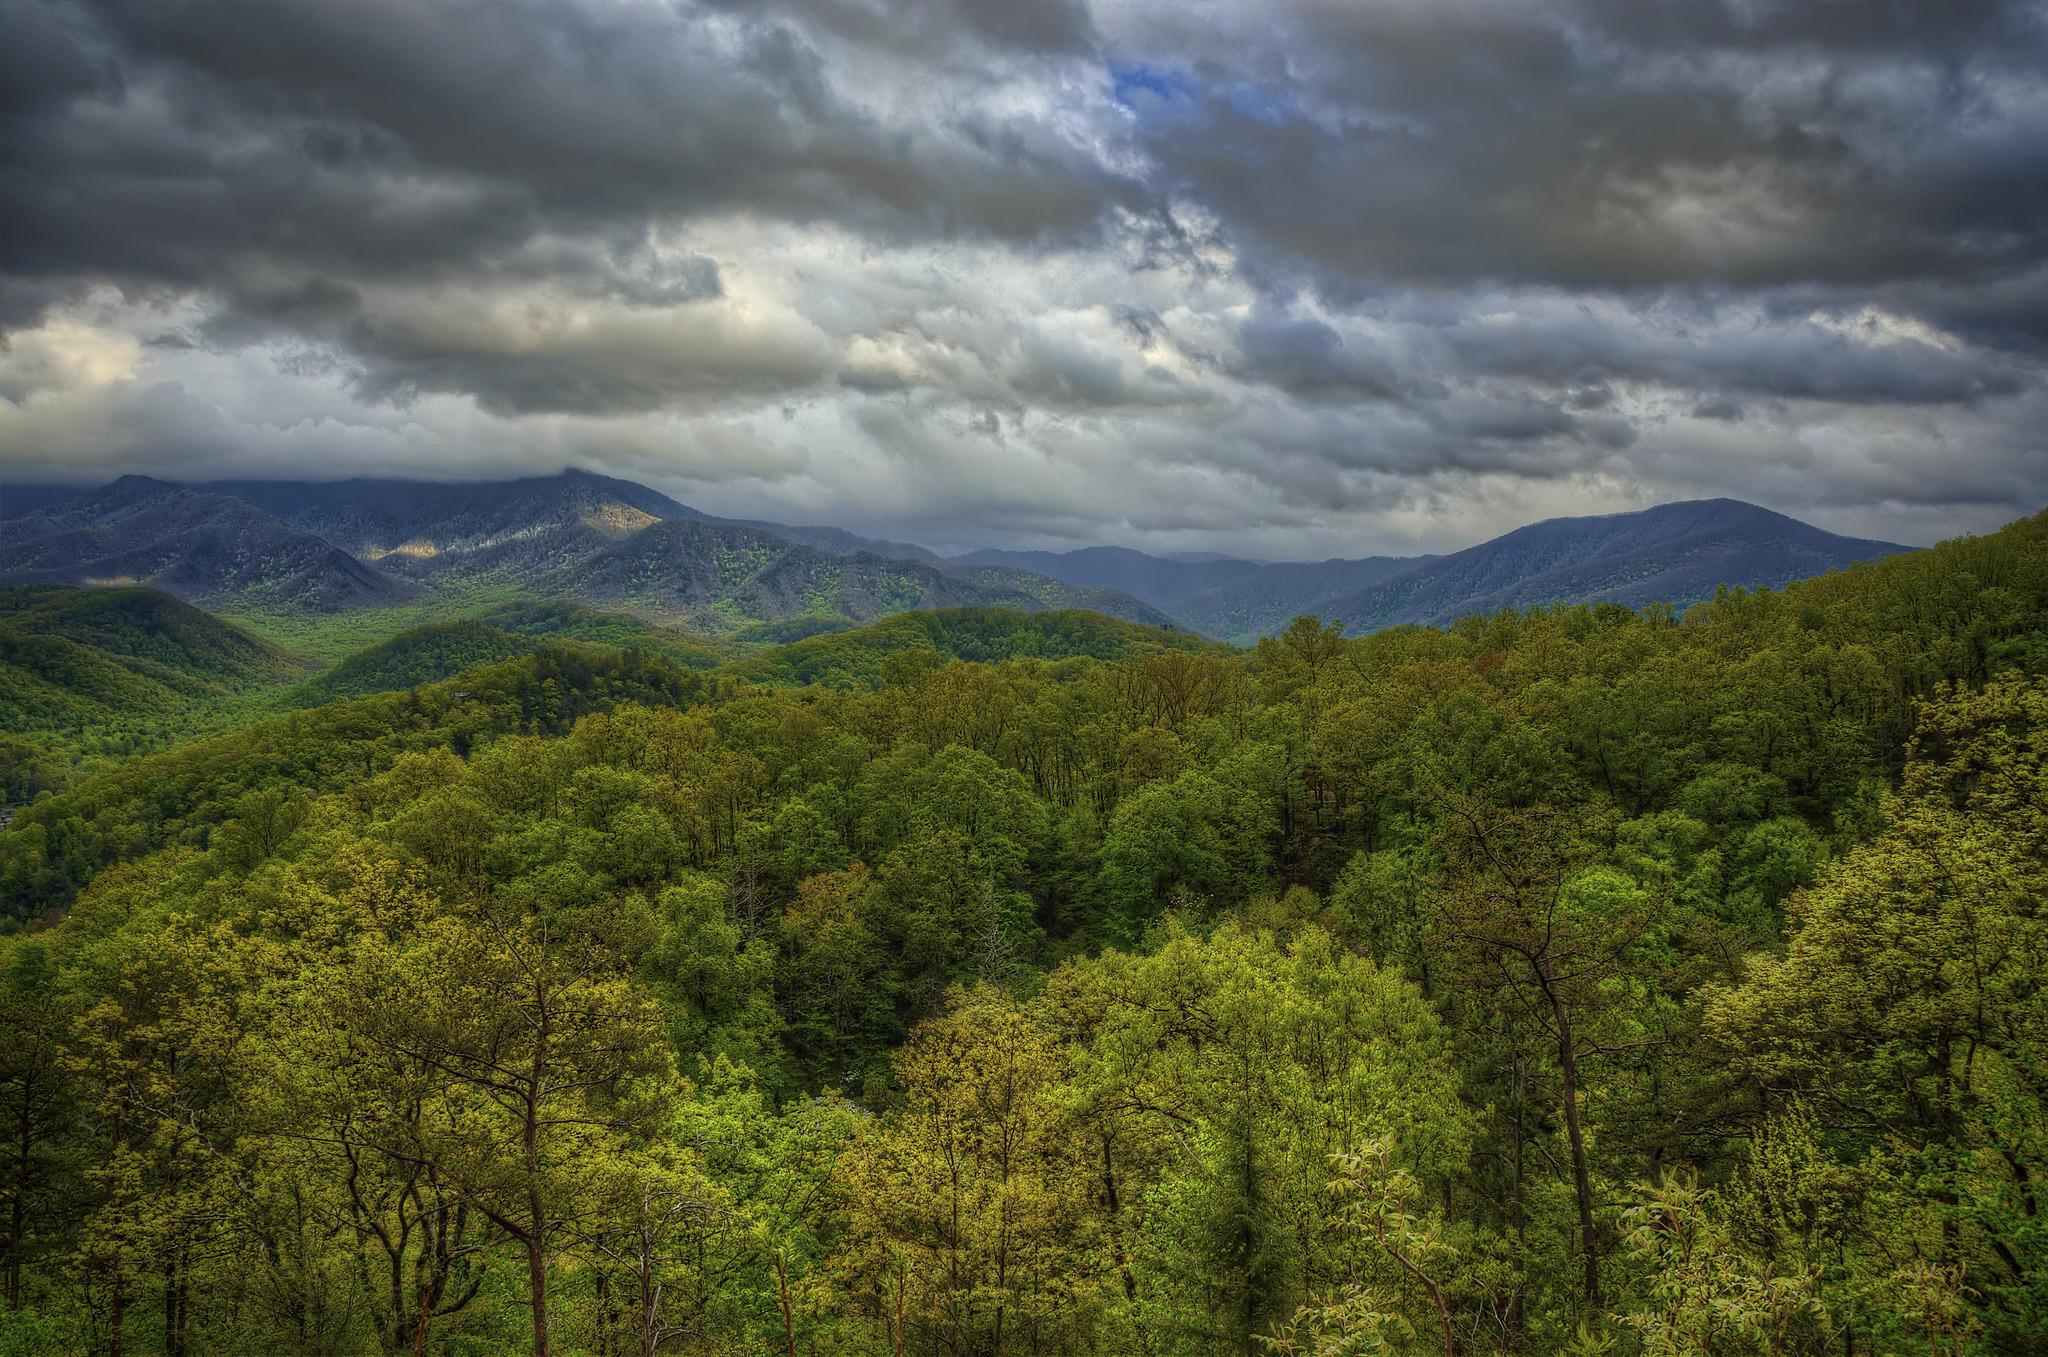 обои Great Smoky Mountains National Park, горы, тучи, деревья картинки фото